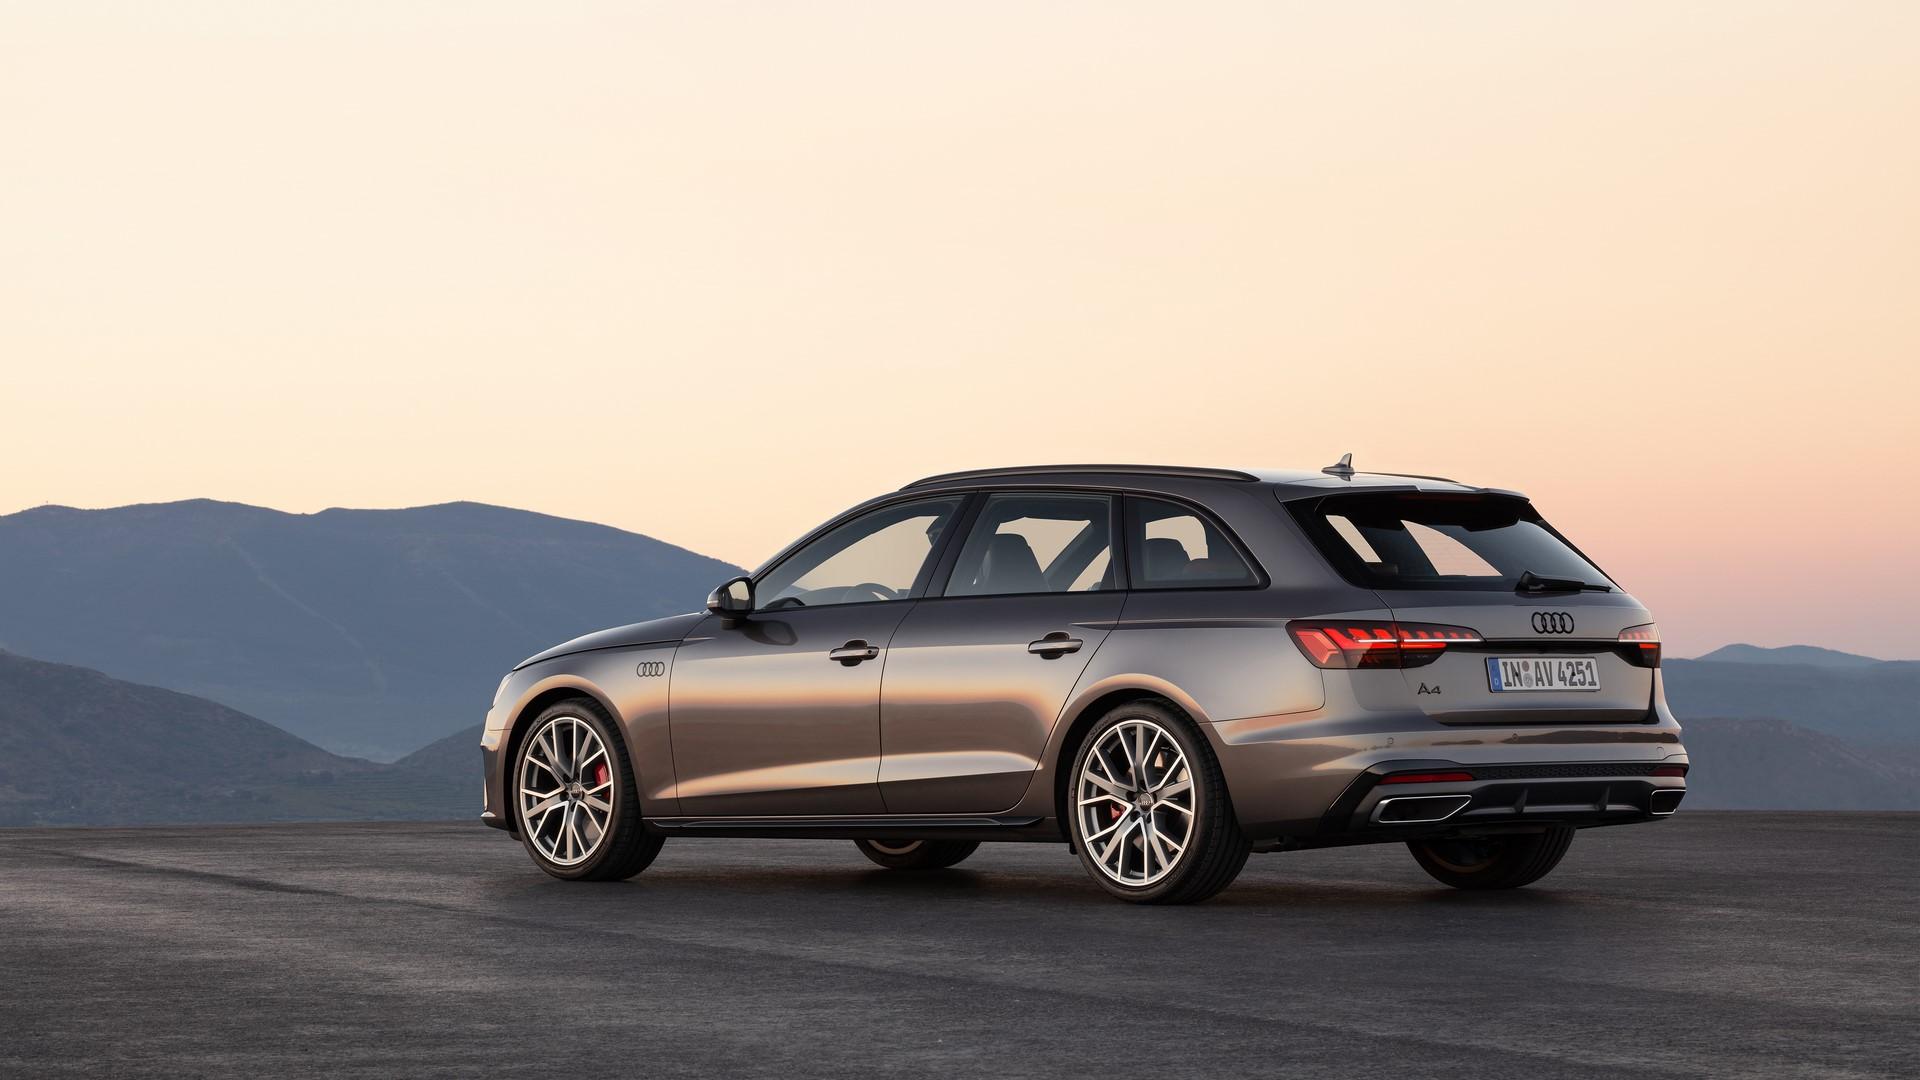 Επίσημο: Audi A4 facelift 2020 - Autoblog.gr